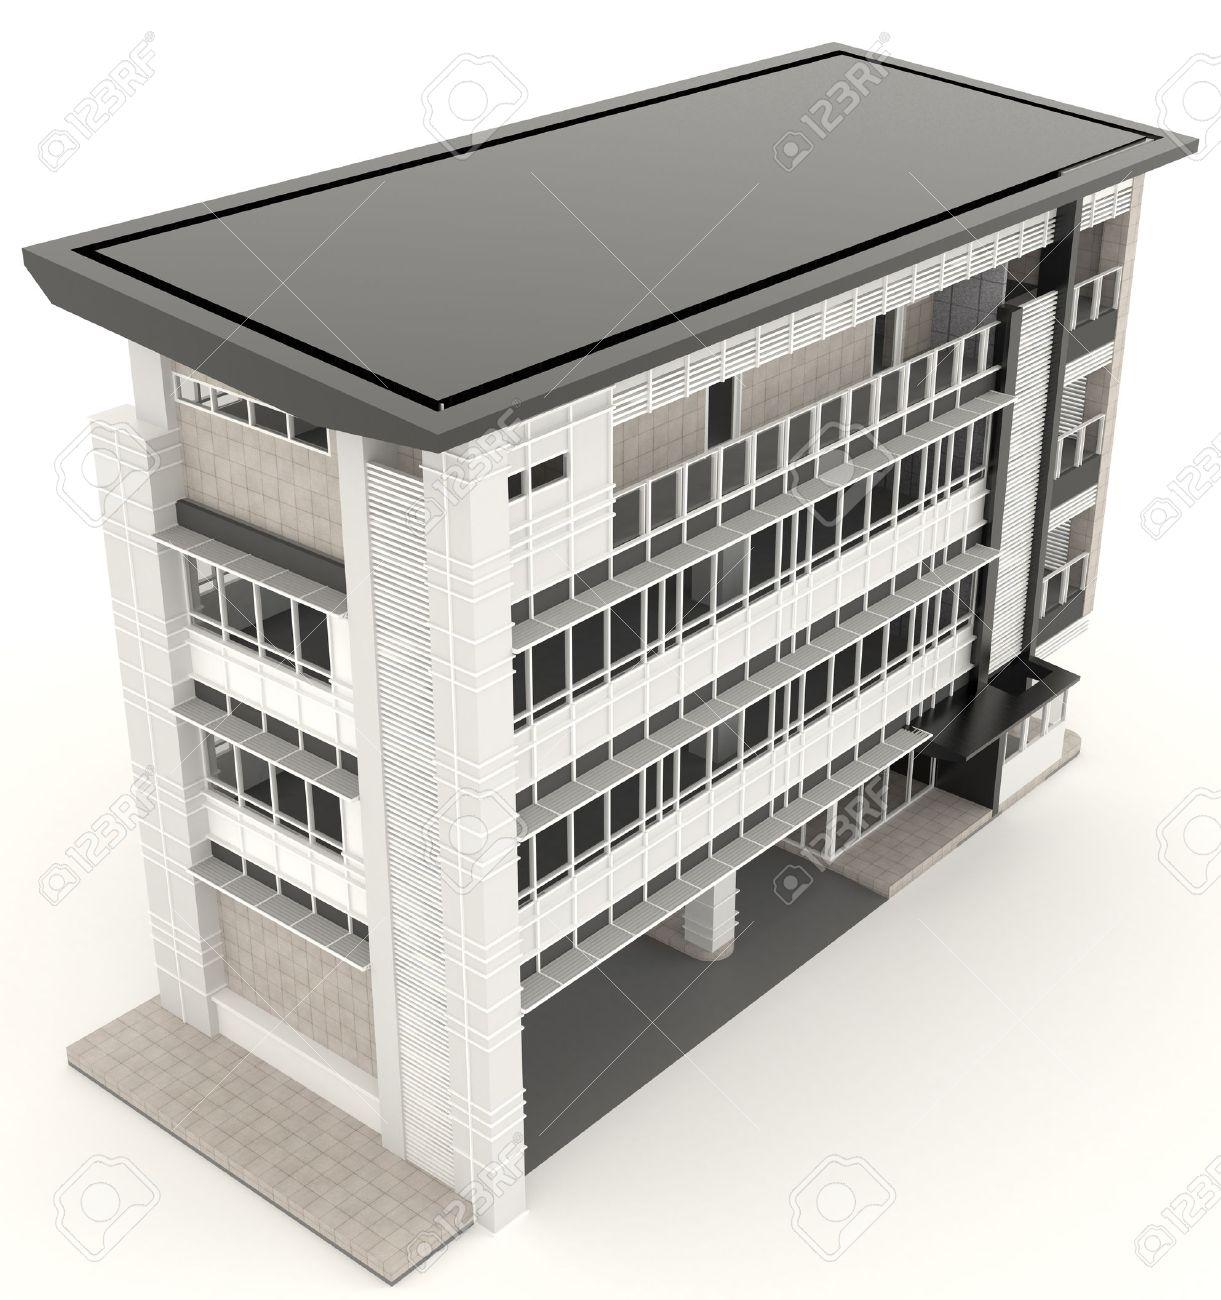 Standard Bild   Top Von 3D Modernes Bürogebäude Architektur Exterieur Design  In Weißem Hintergrund, Erstellen Von 3D